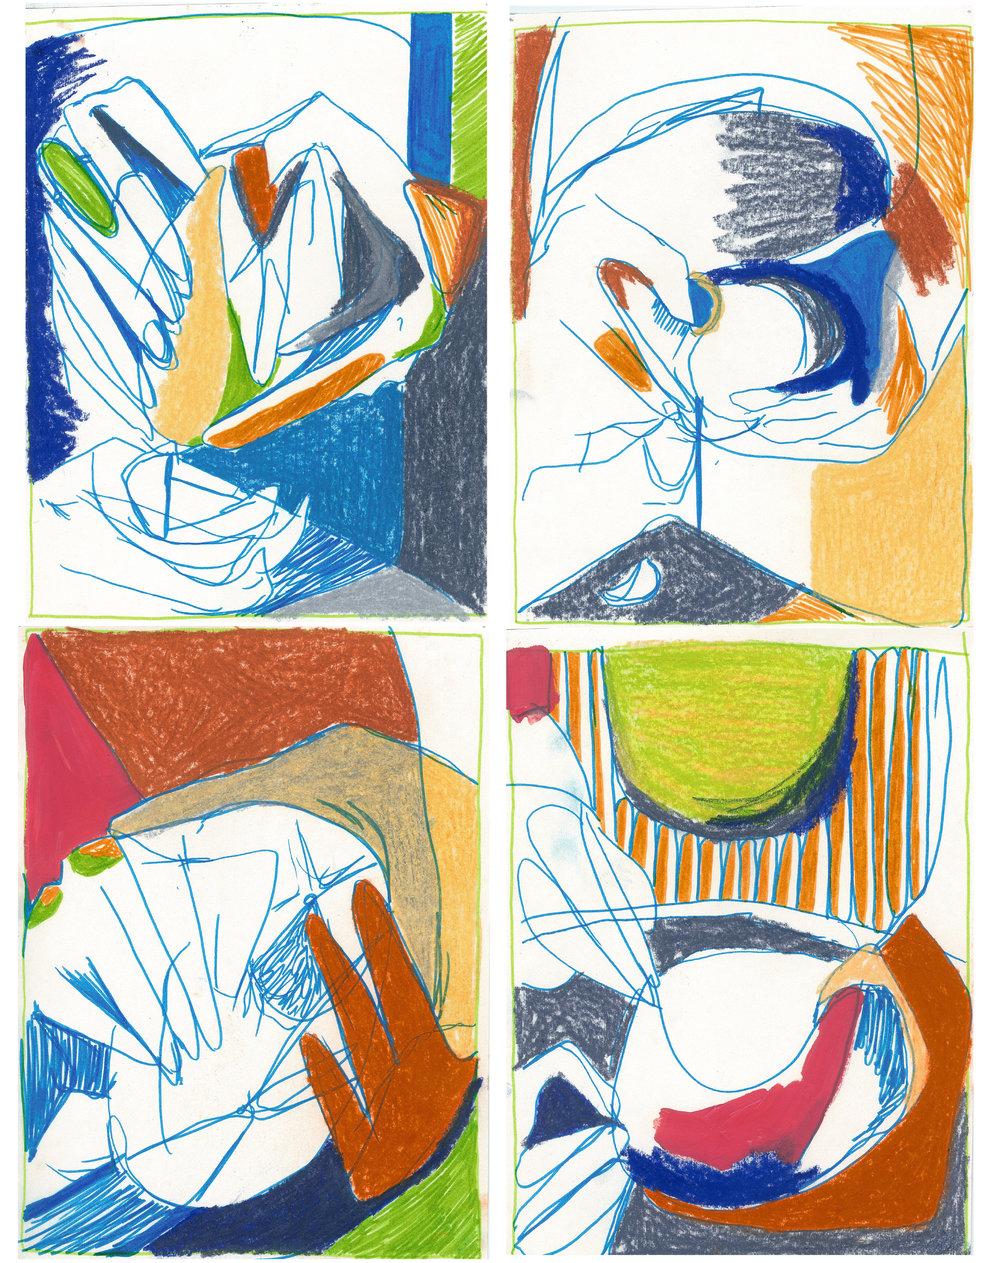 orange peeling drawings composite.jpg